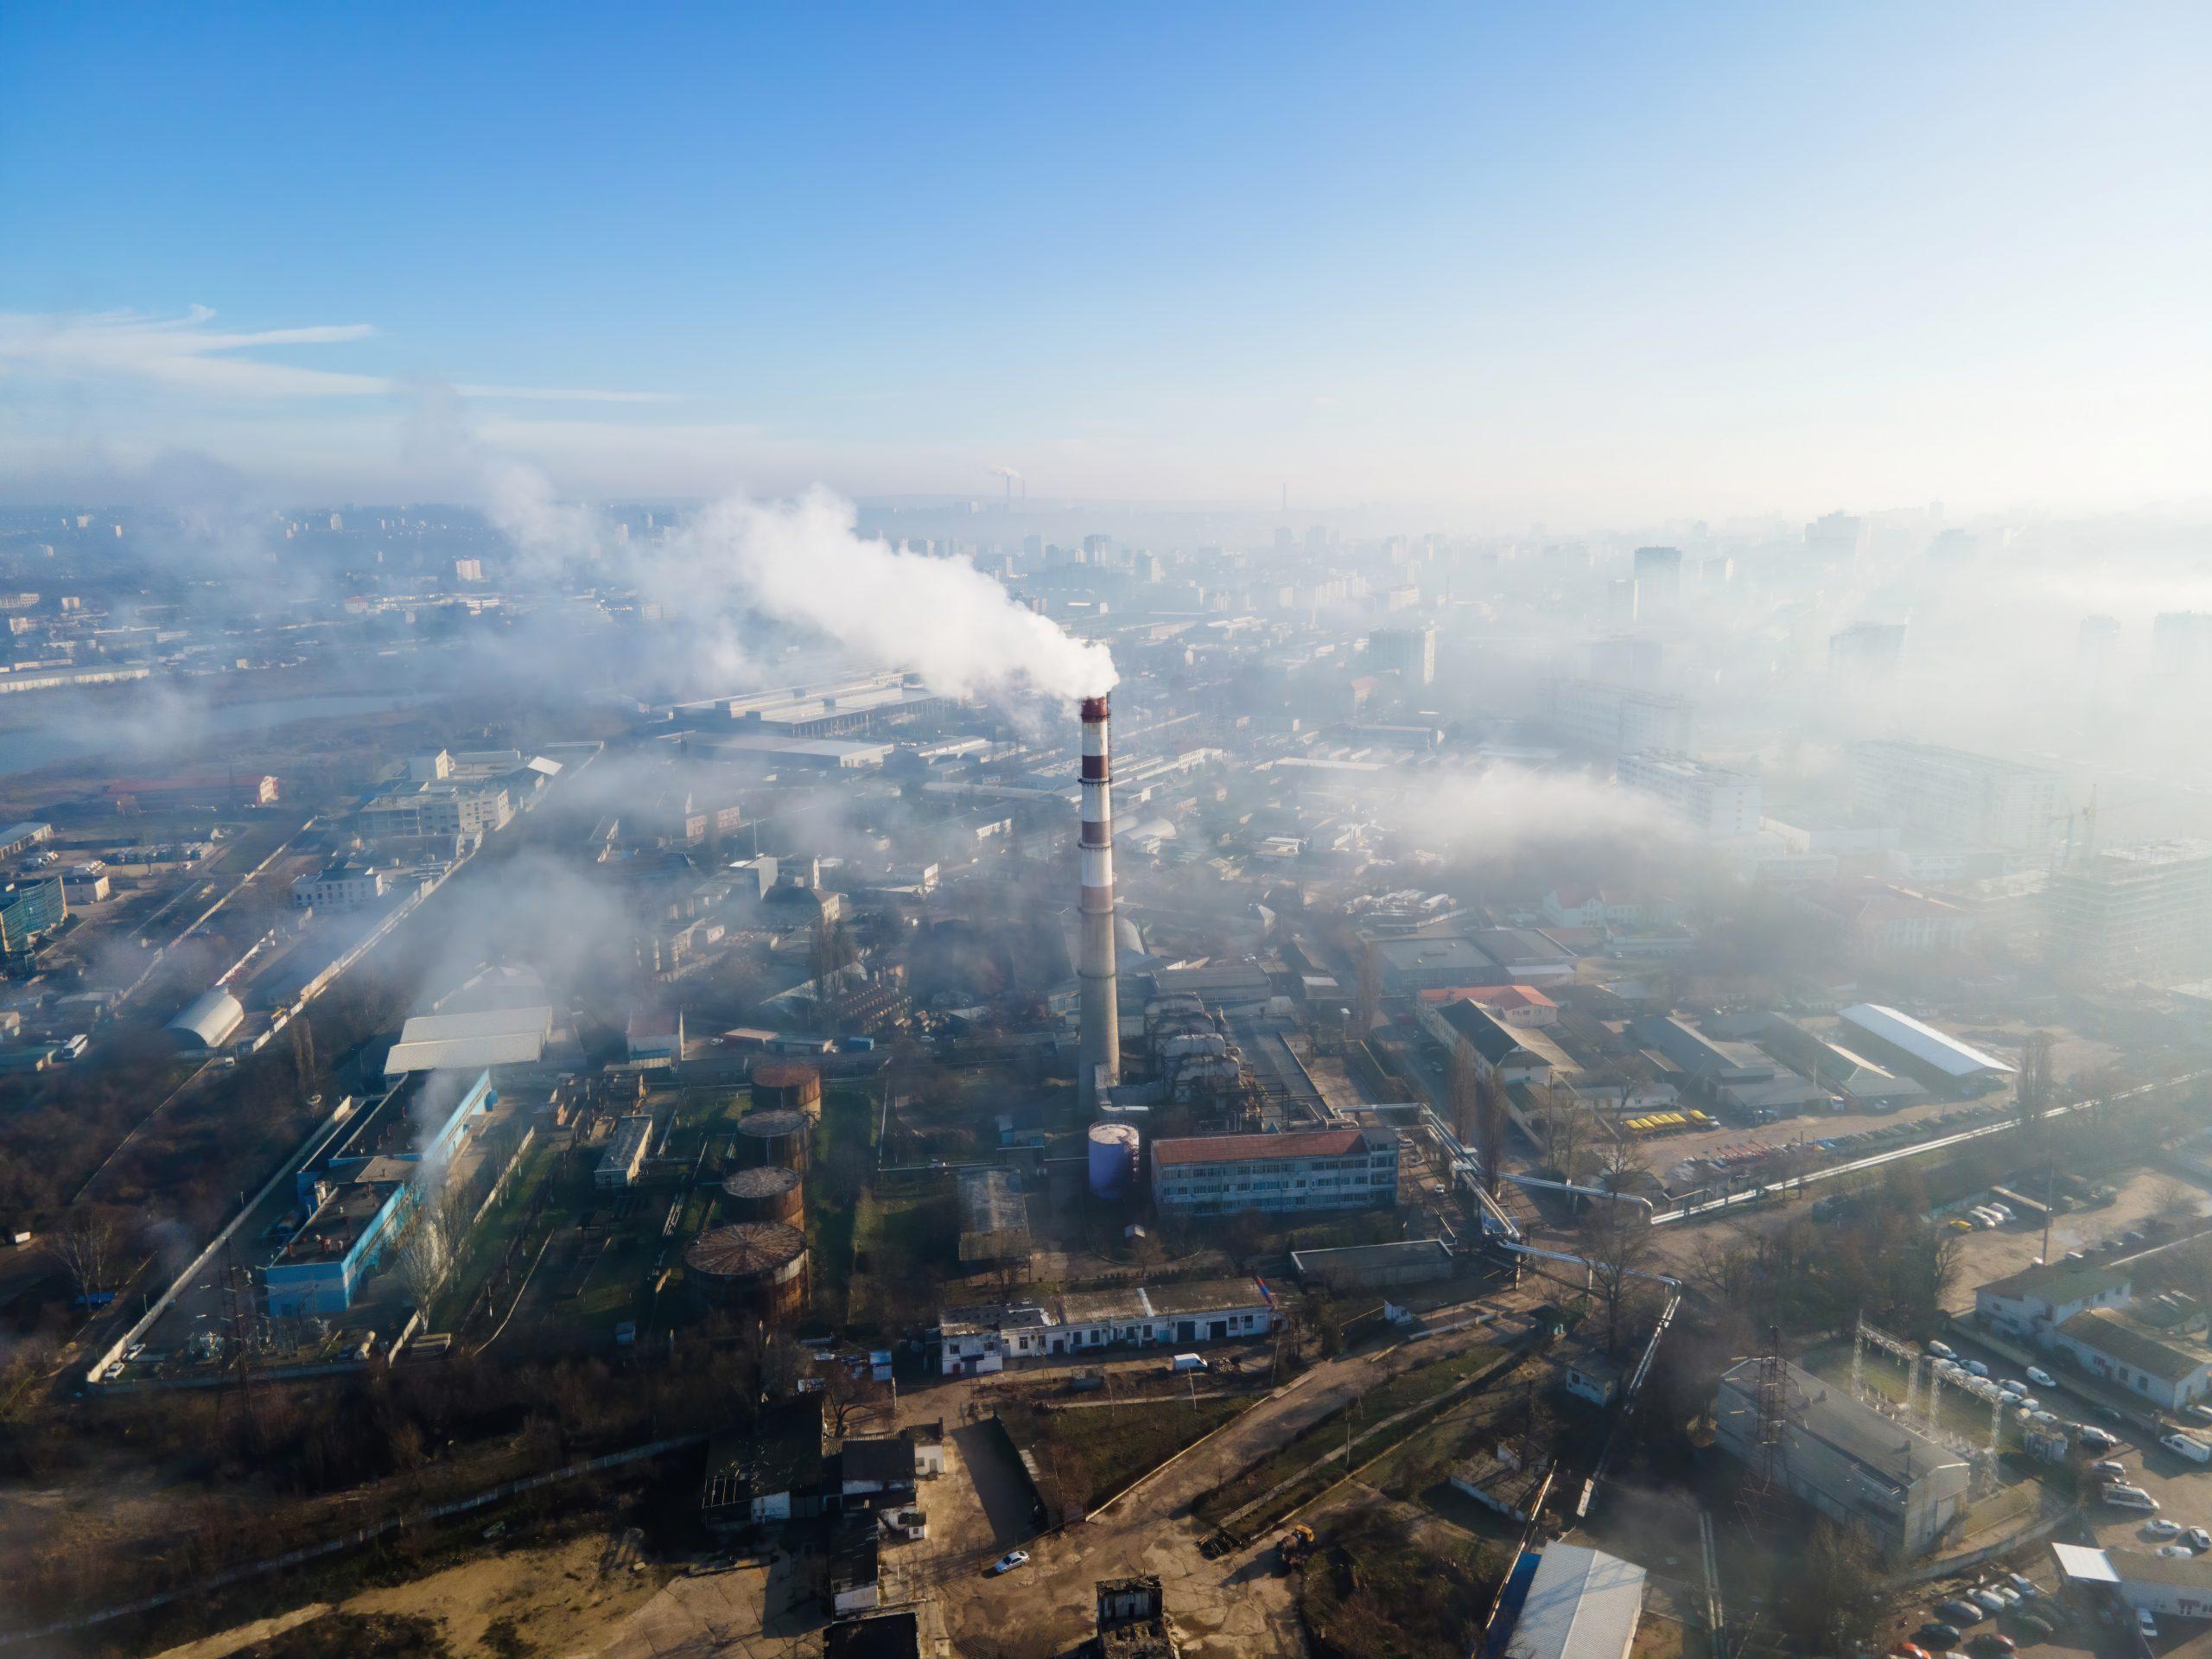 126 / 5000 Resultados de tradução Vista aérea do drone de Chisinau. Estação térmica com fumaça saindo do tubo. Edifícios e estradas. Nevoeiro no ar. Moldova